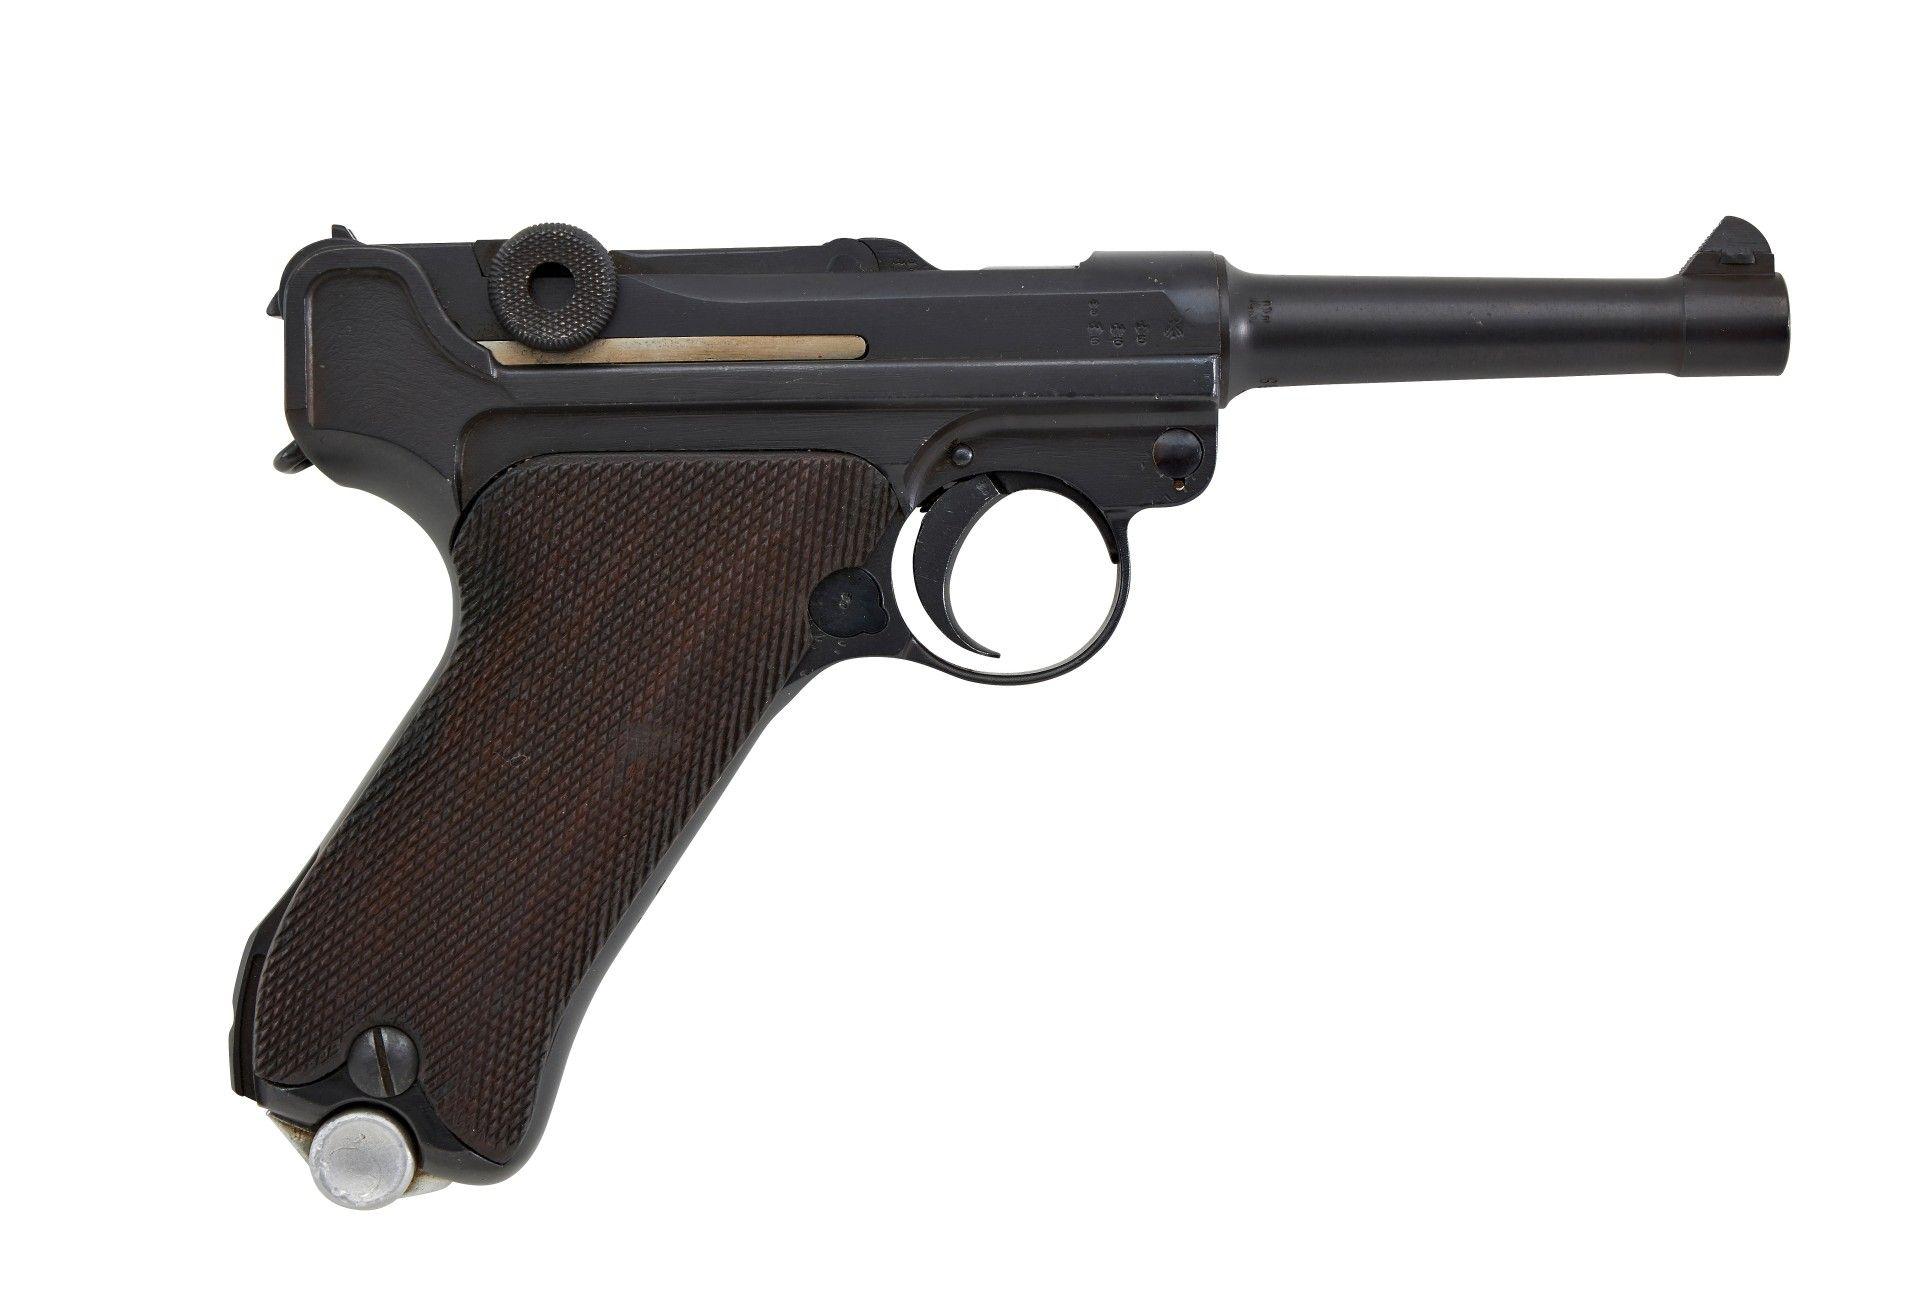 Halbautomatische Pistole Mod.: P. 08 Herst.: SIMSON & Co. SUHL Baujahr: ohne Angabe S.Nr.: 6480 ... - Image 2 of 4